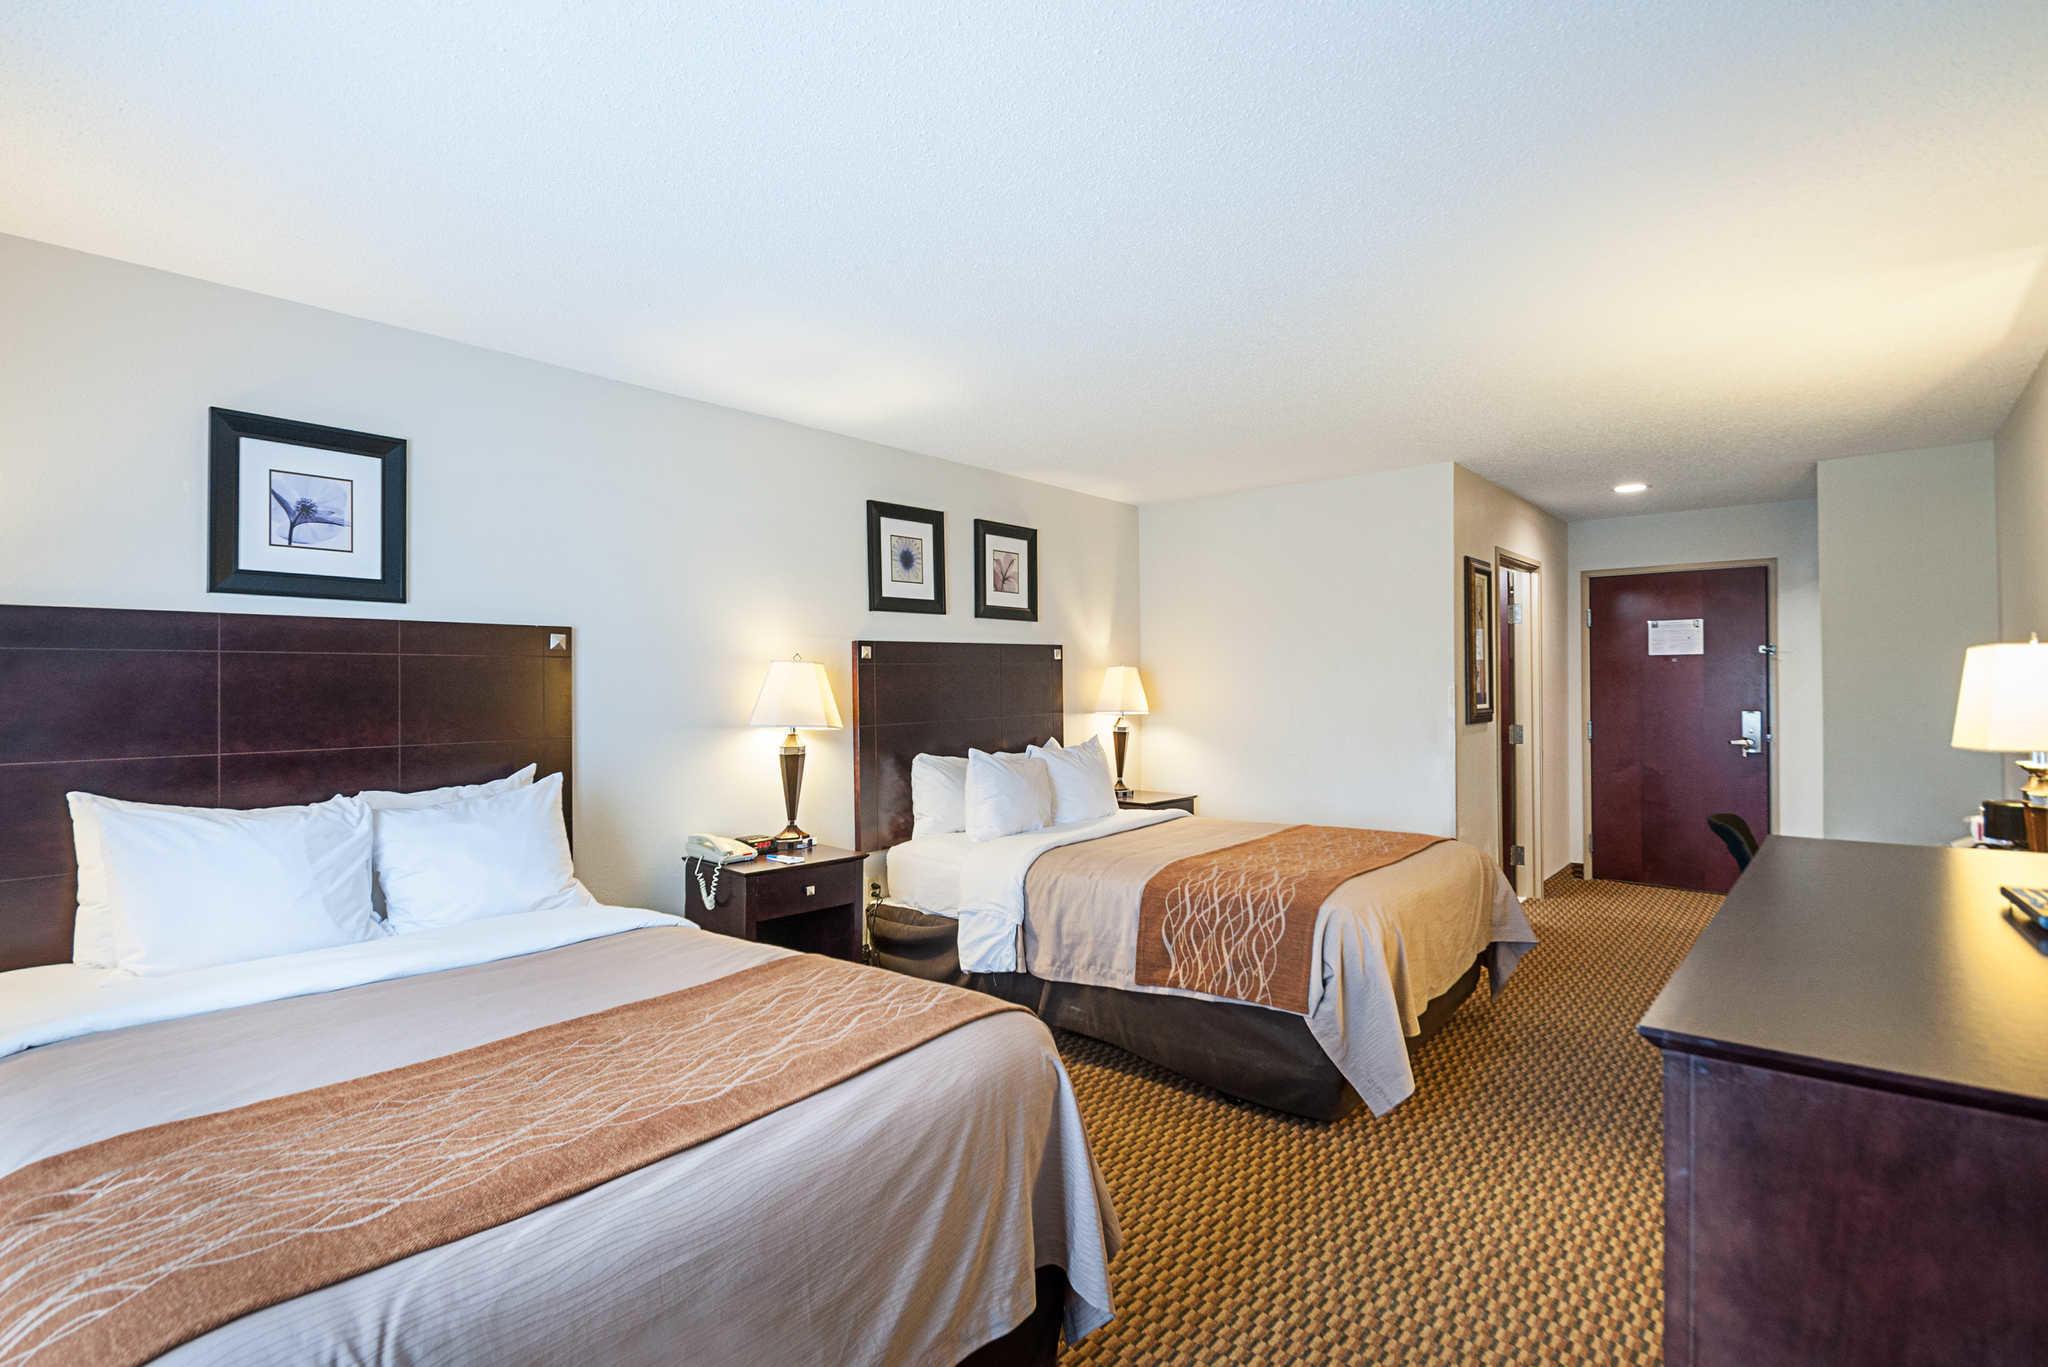 Comfort Inn & Suites Cambridge image 16